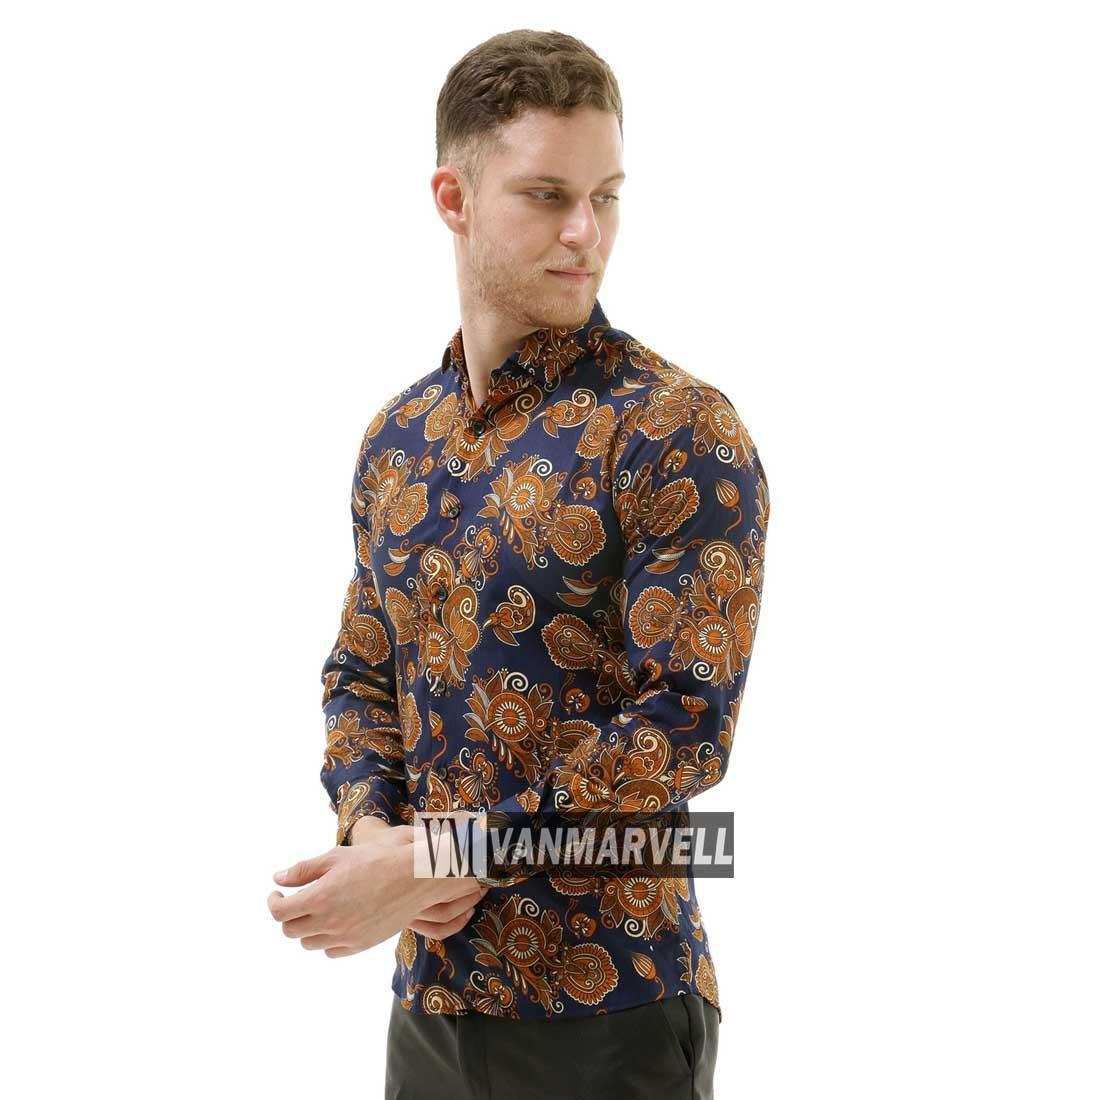 Vm Kemeja Batik Modern Slimfit Panjang New Kombinasi Daftar Harga B 185 Gambar Produk Rinci Tangan Terkini